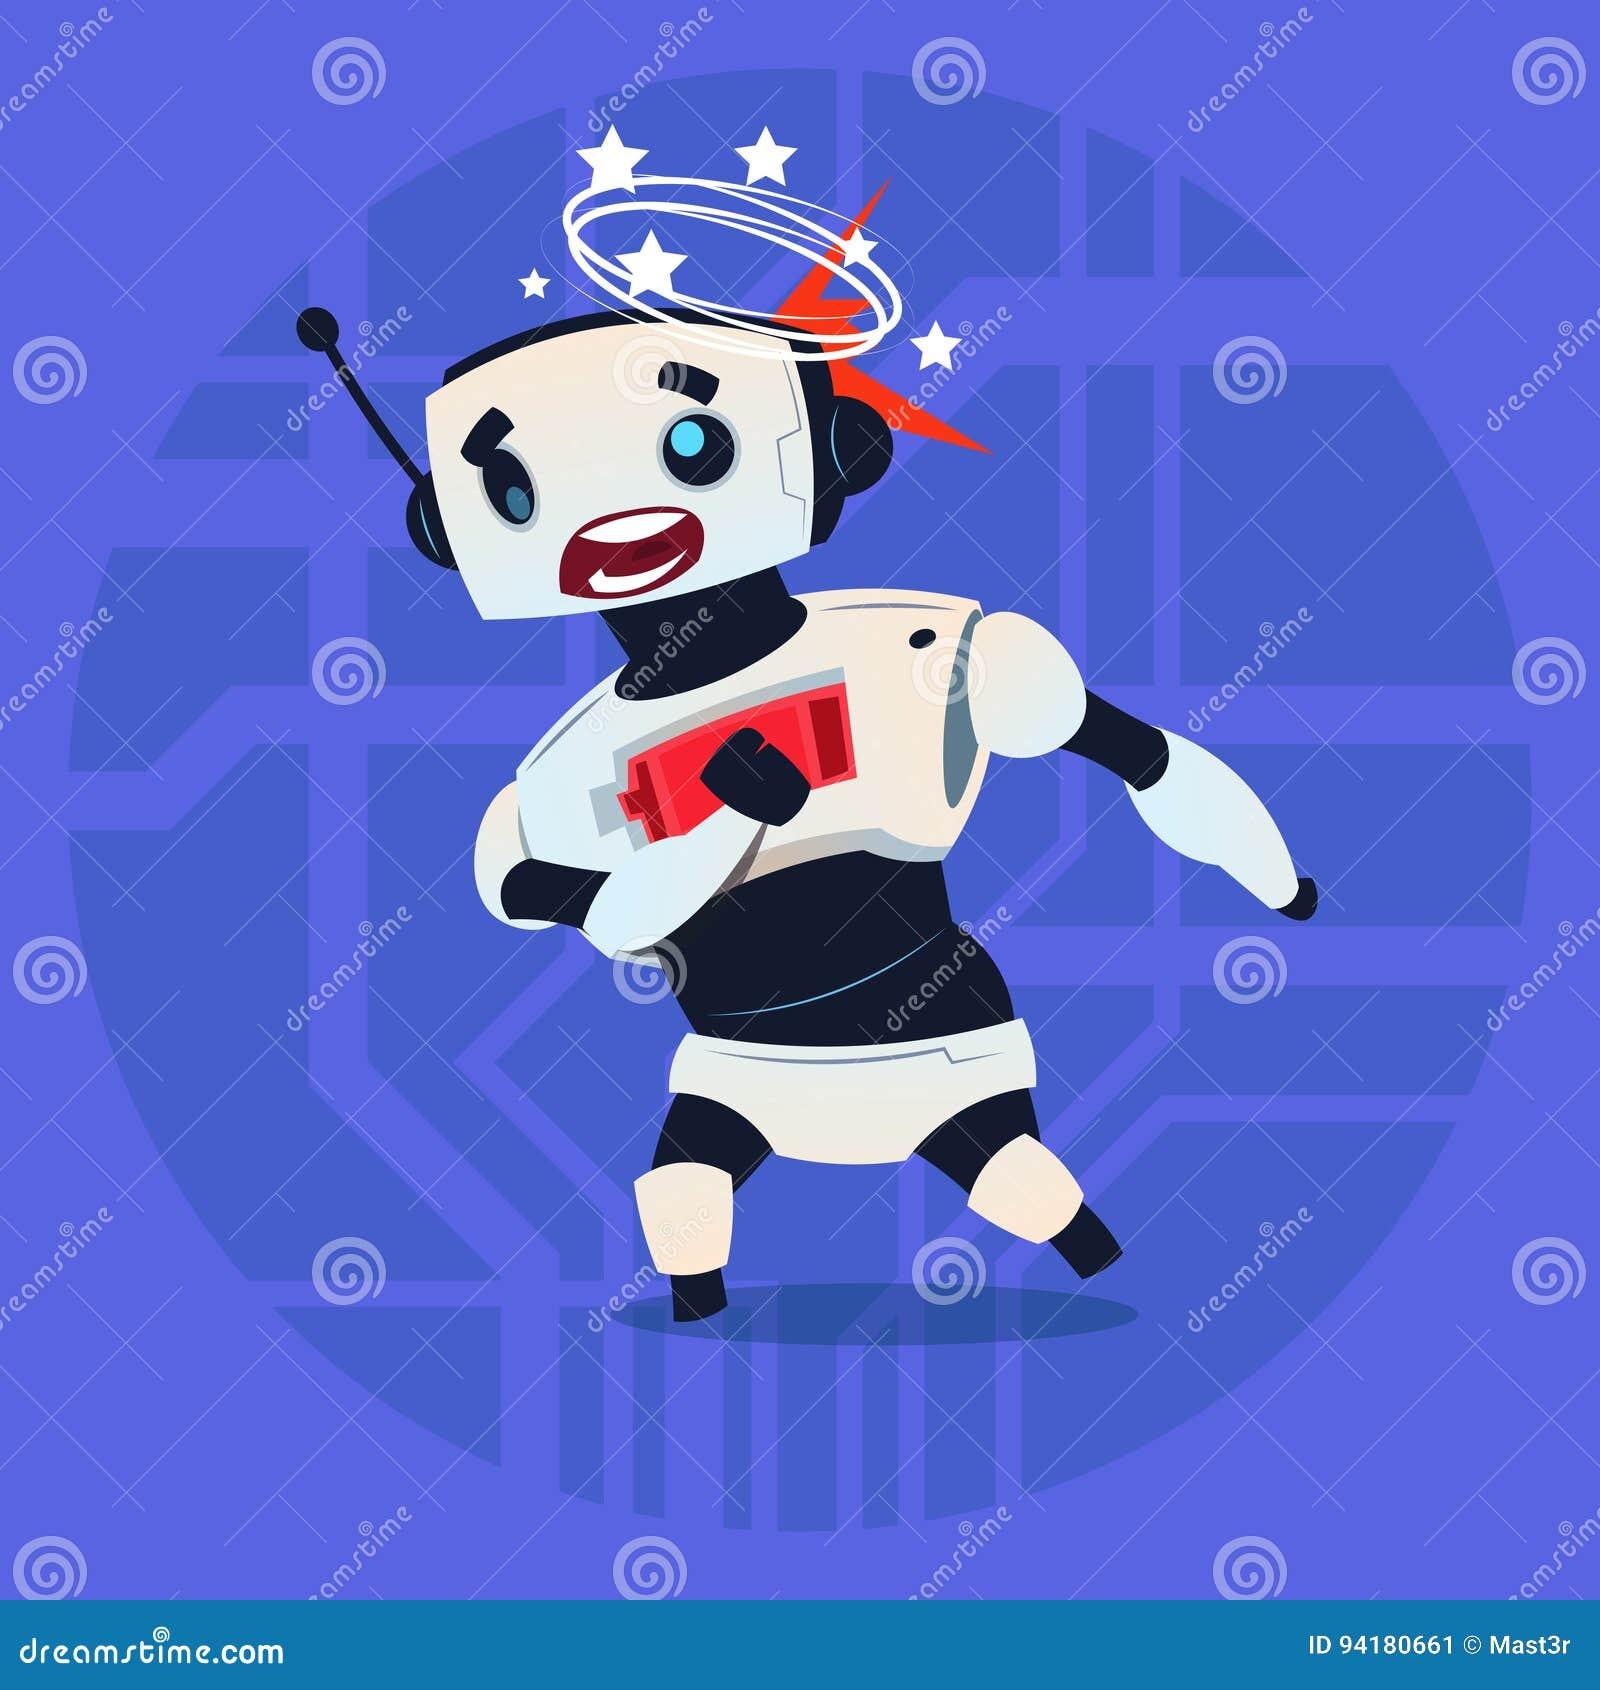 逗人喜爱的机器人头昏眼花的错误打破的现代人工智能技术概念